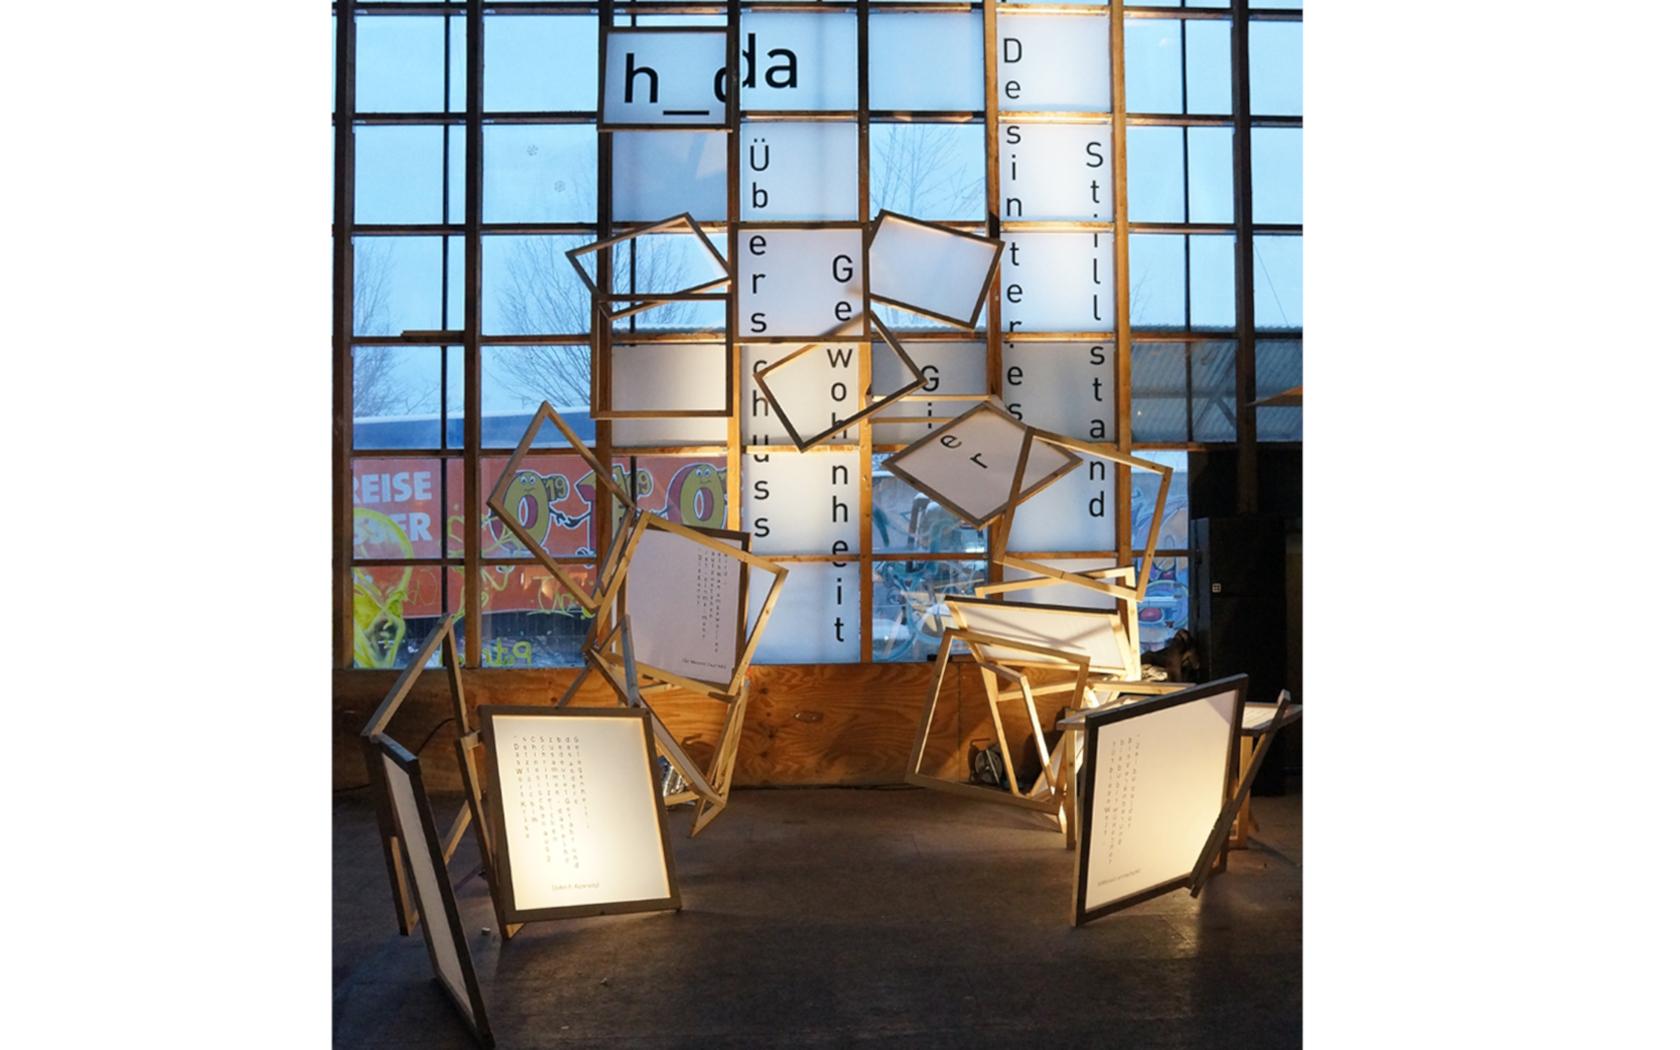 Quadrate, Rahmenholz, IMM Köln, Messepräsentation, Messedesign, Scenopgraphie